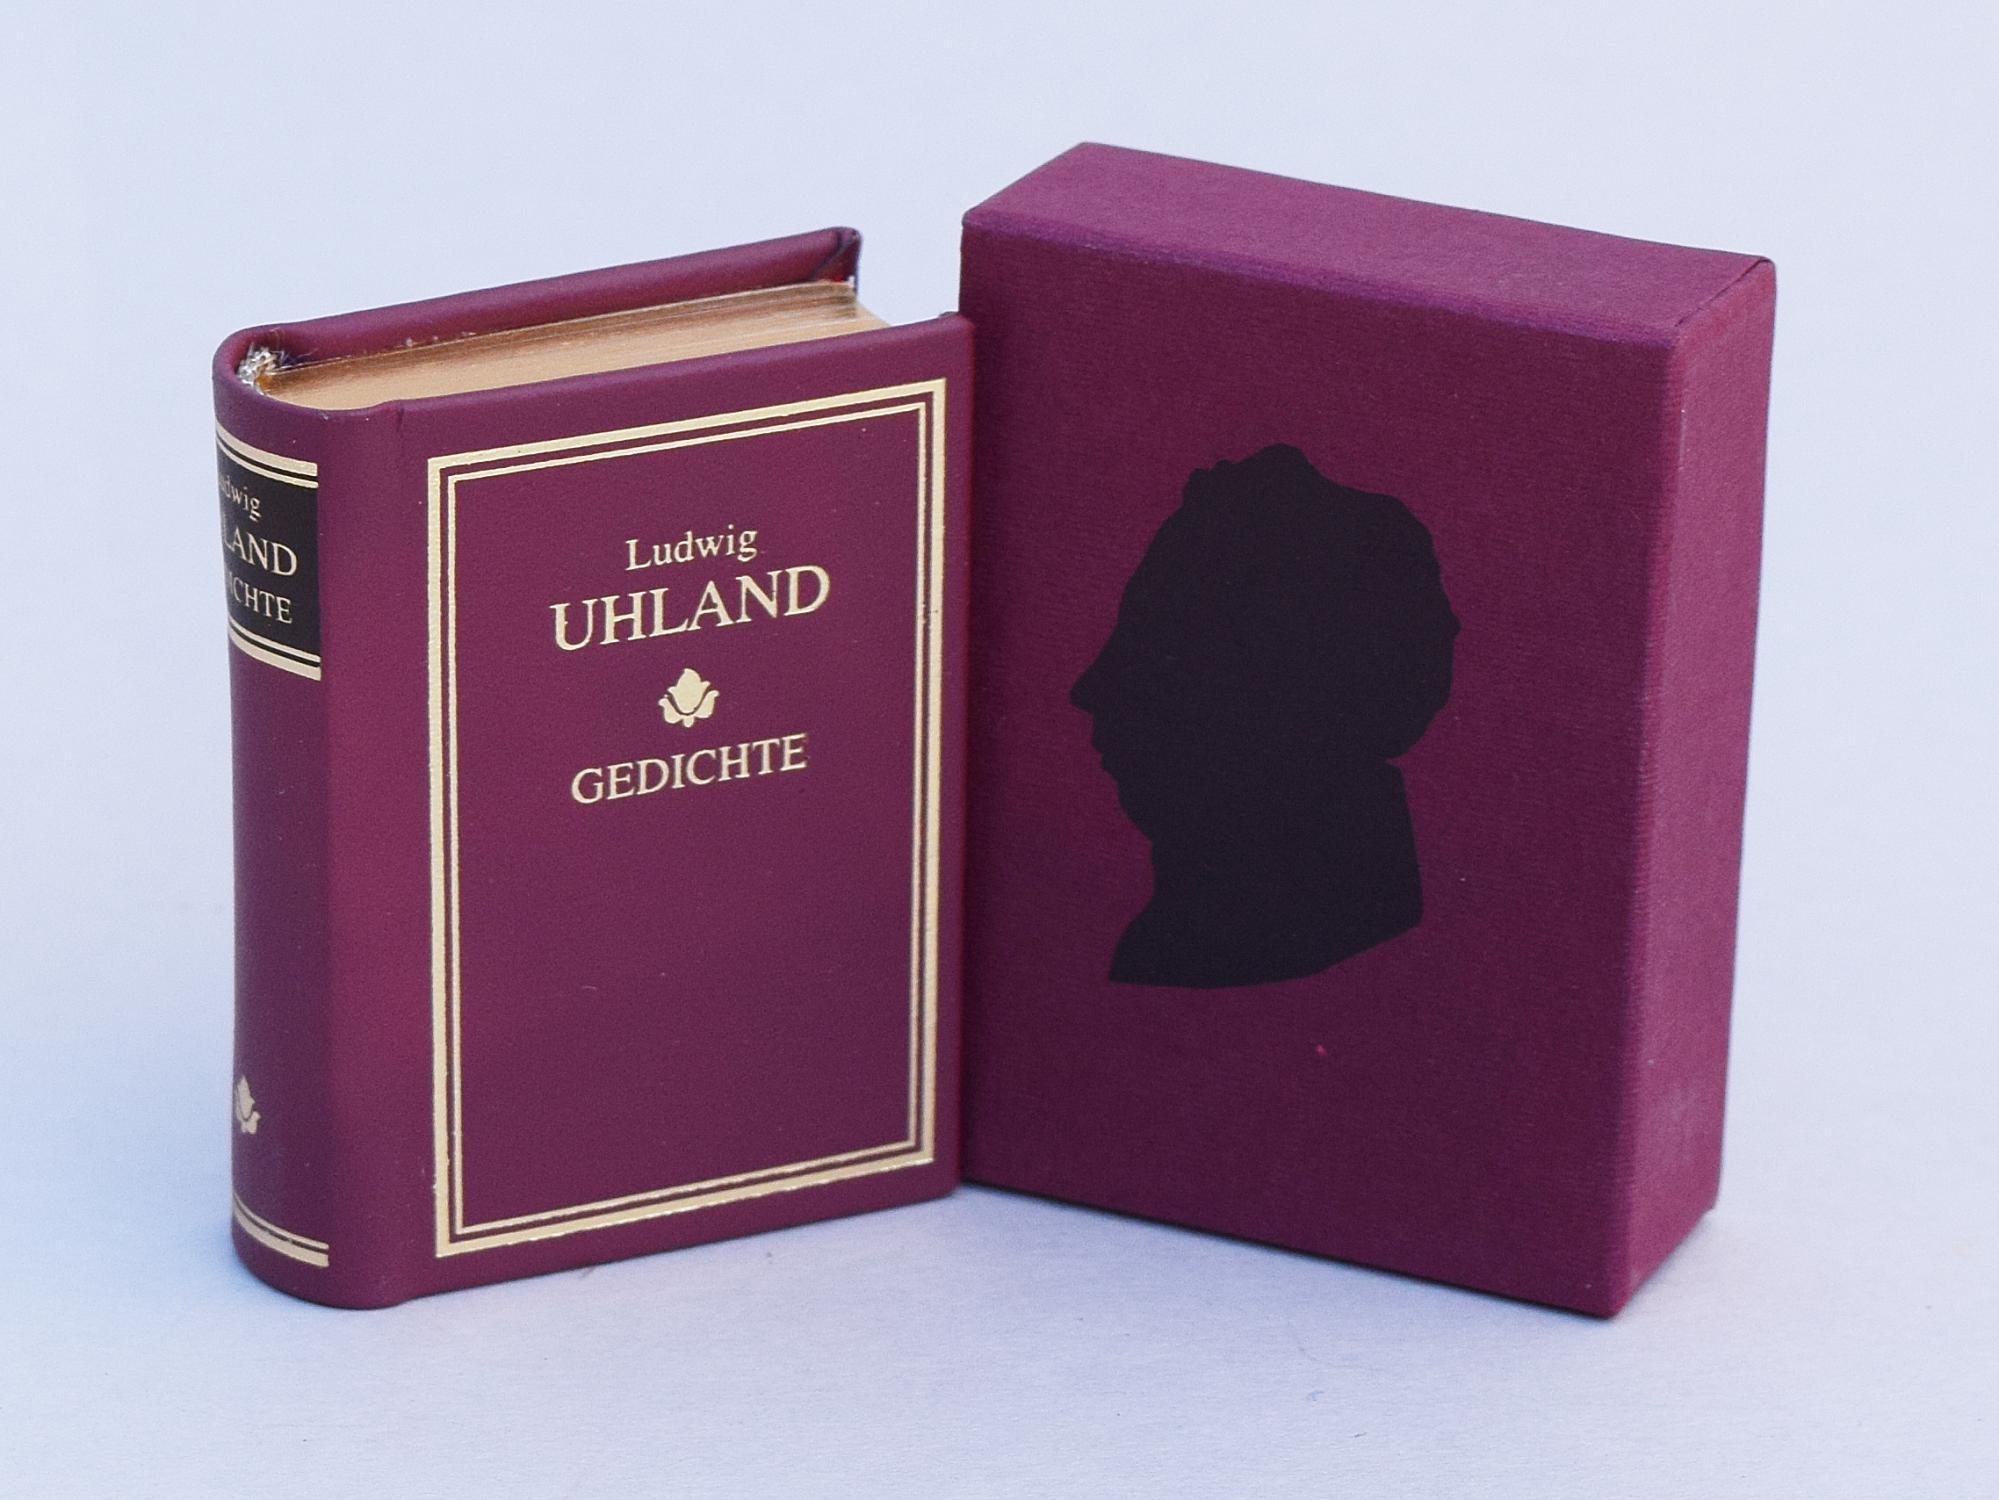 Gedichte - Eine Auswahl: Ludwig Uhland